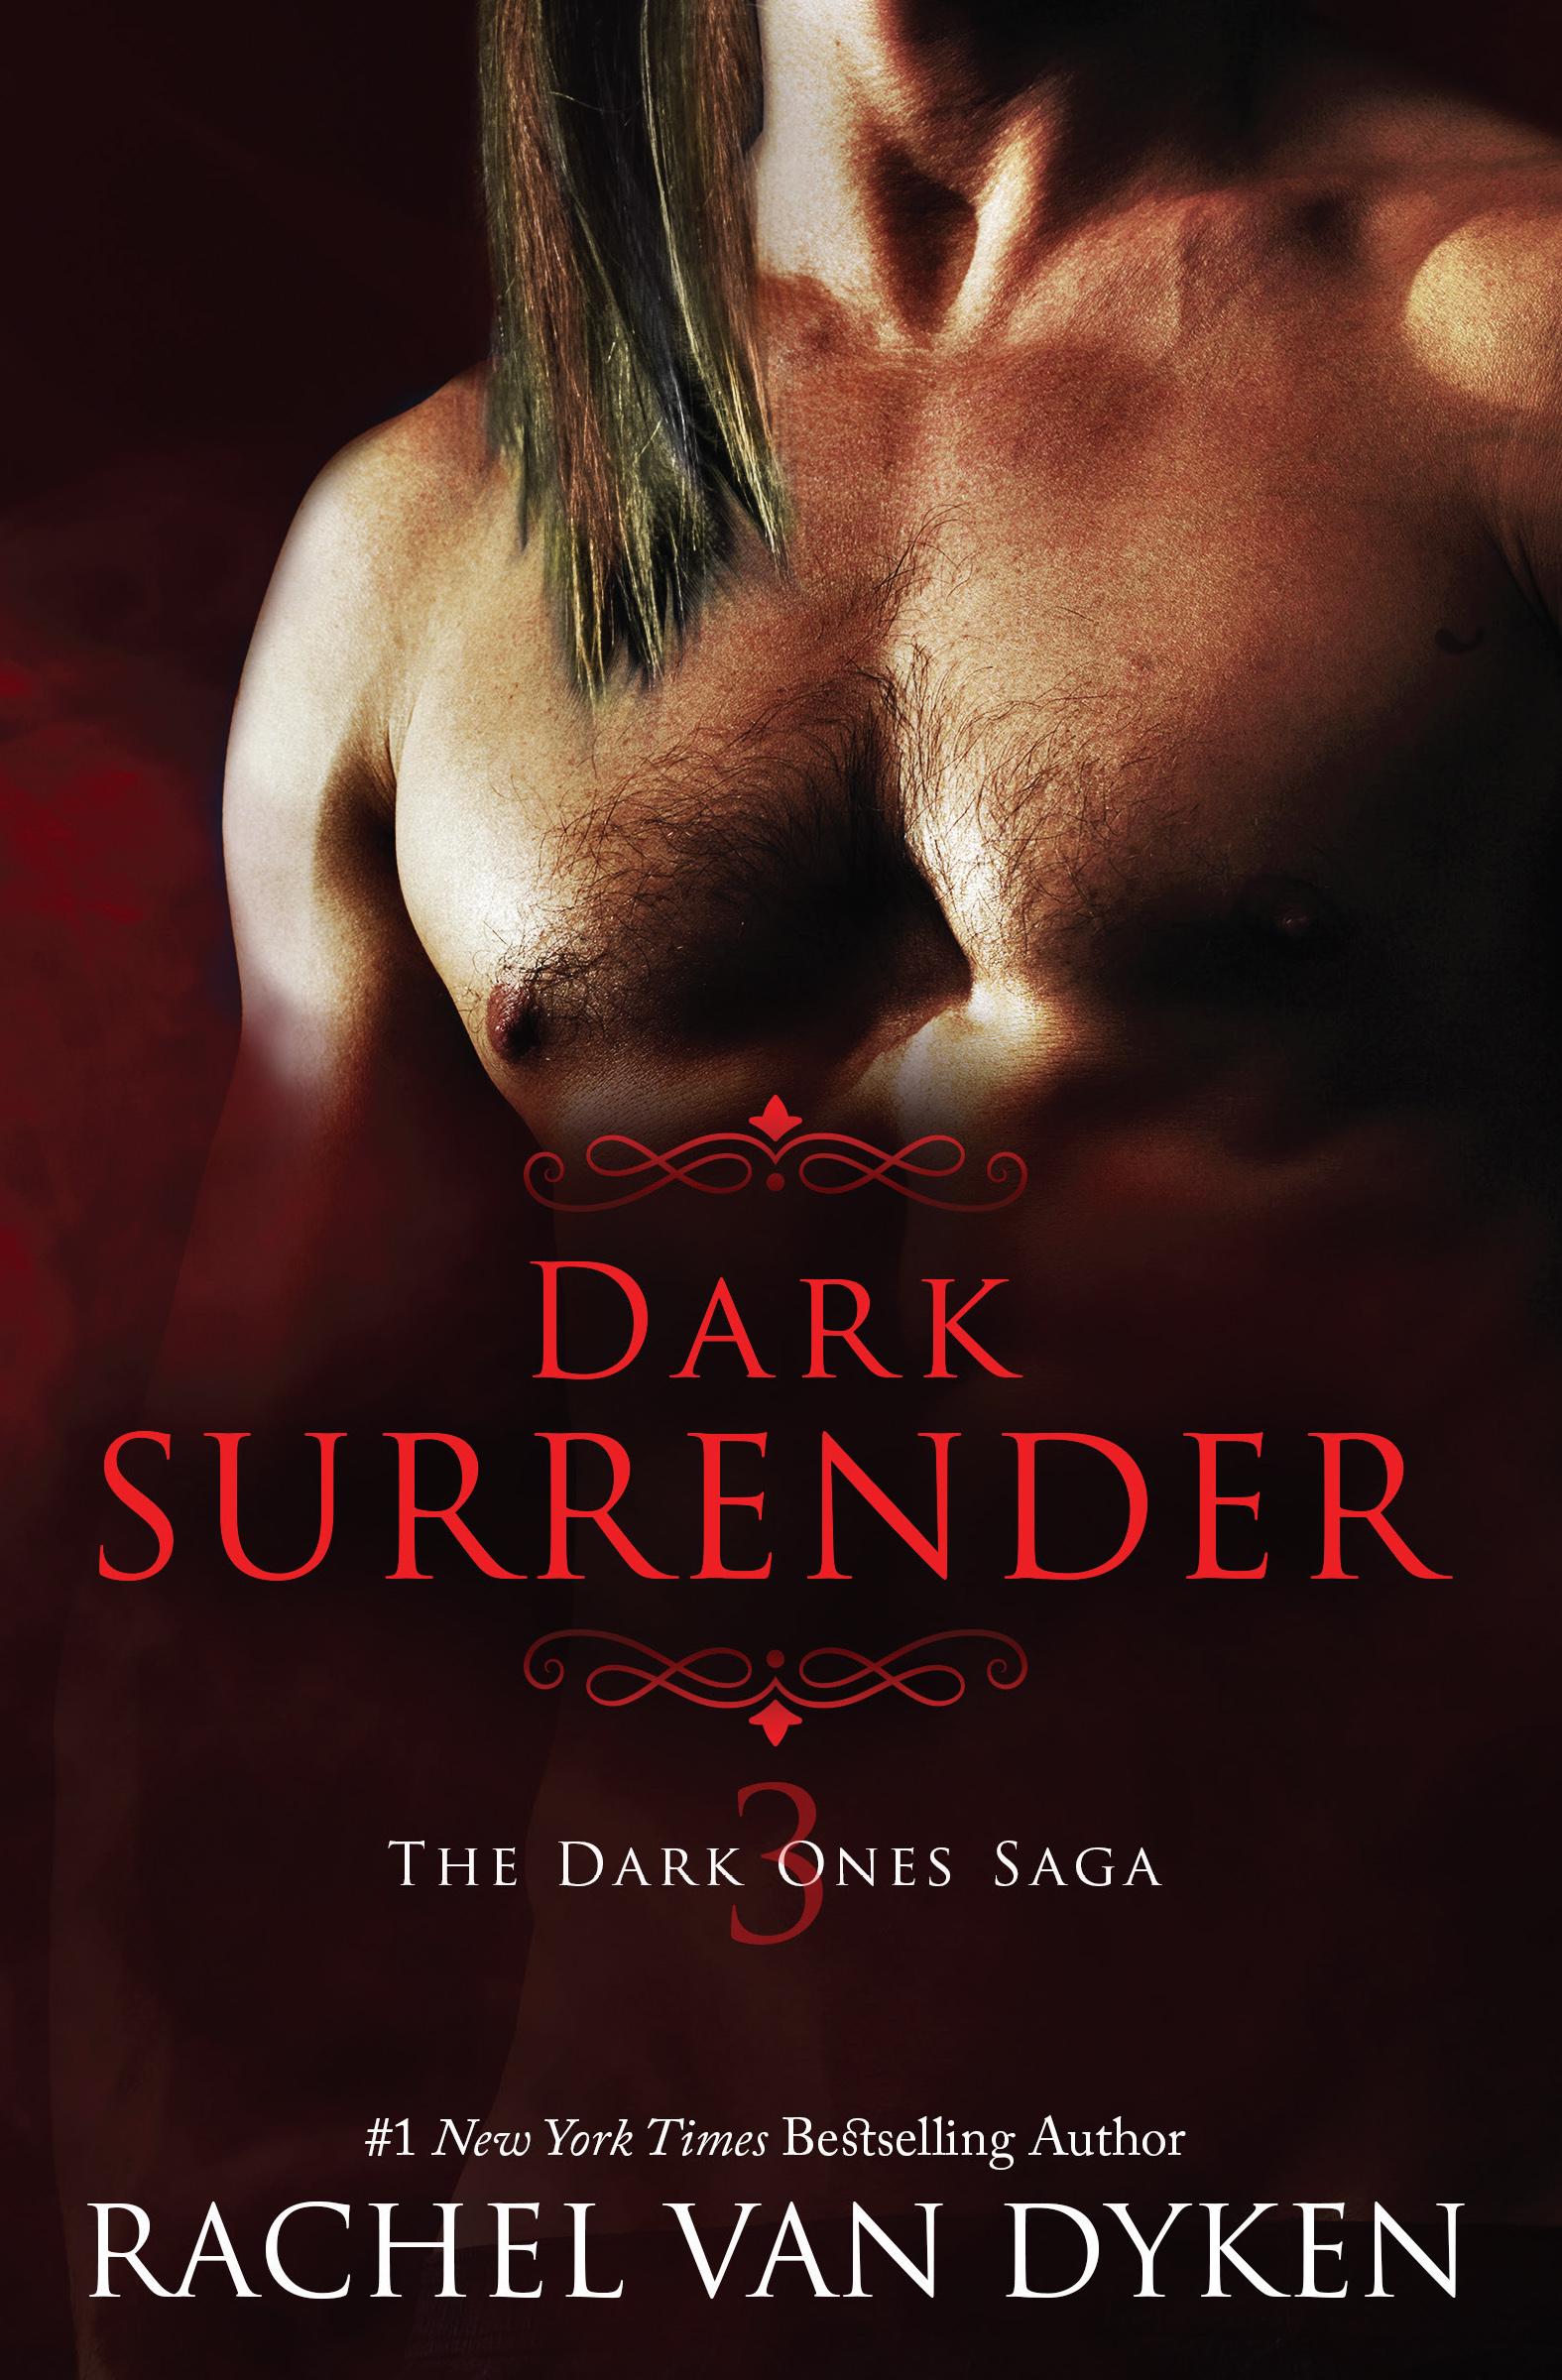 DarkSurrender_eBook_HiRes.jpg